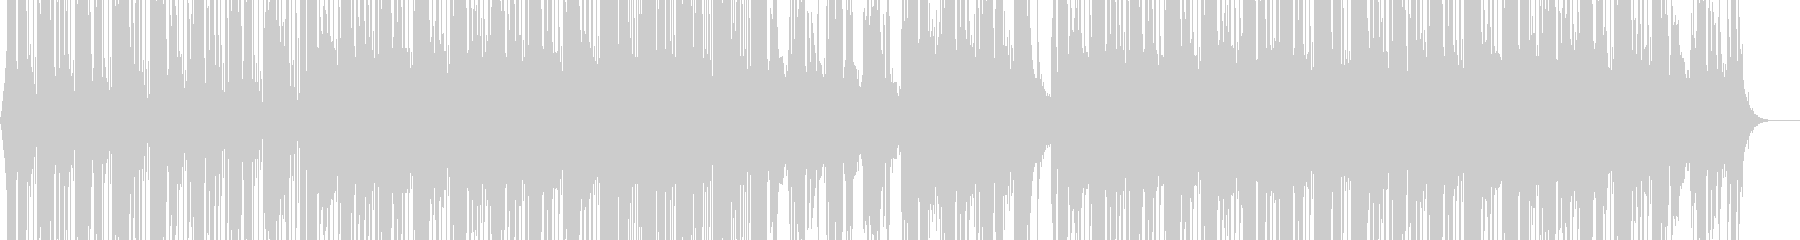 透明感のあるピアノのドラムンベースの未再生の波形